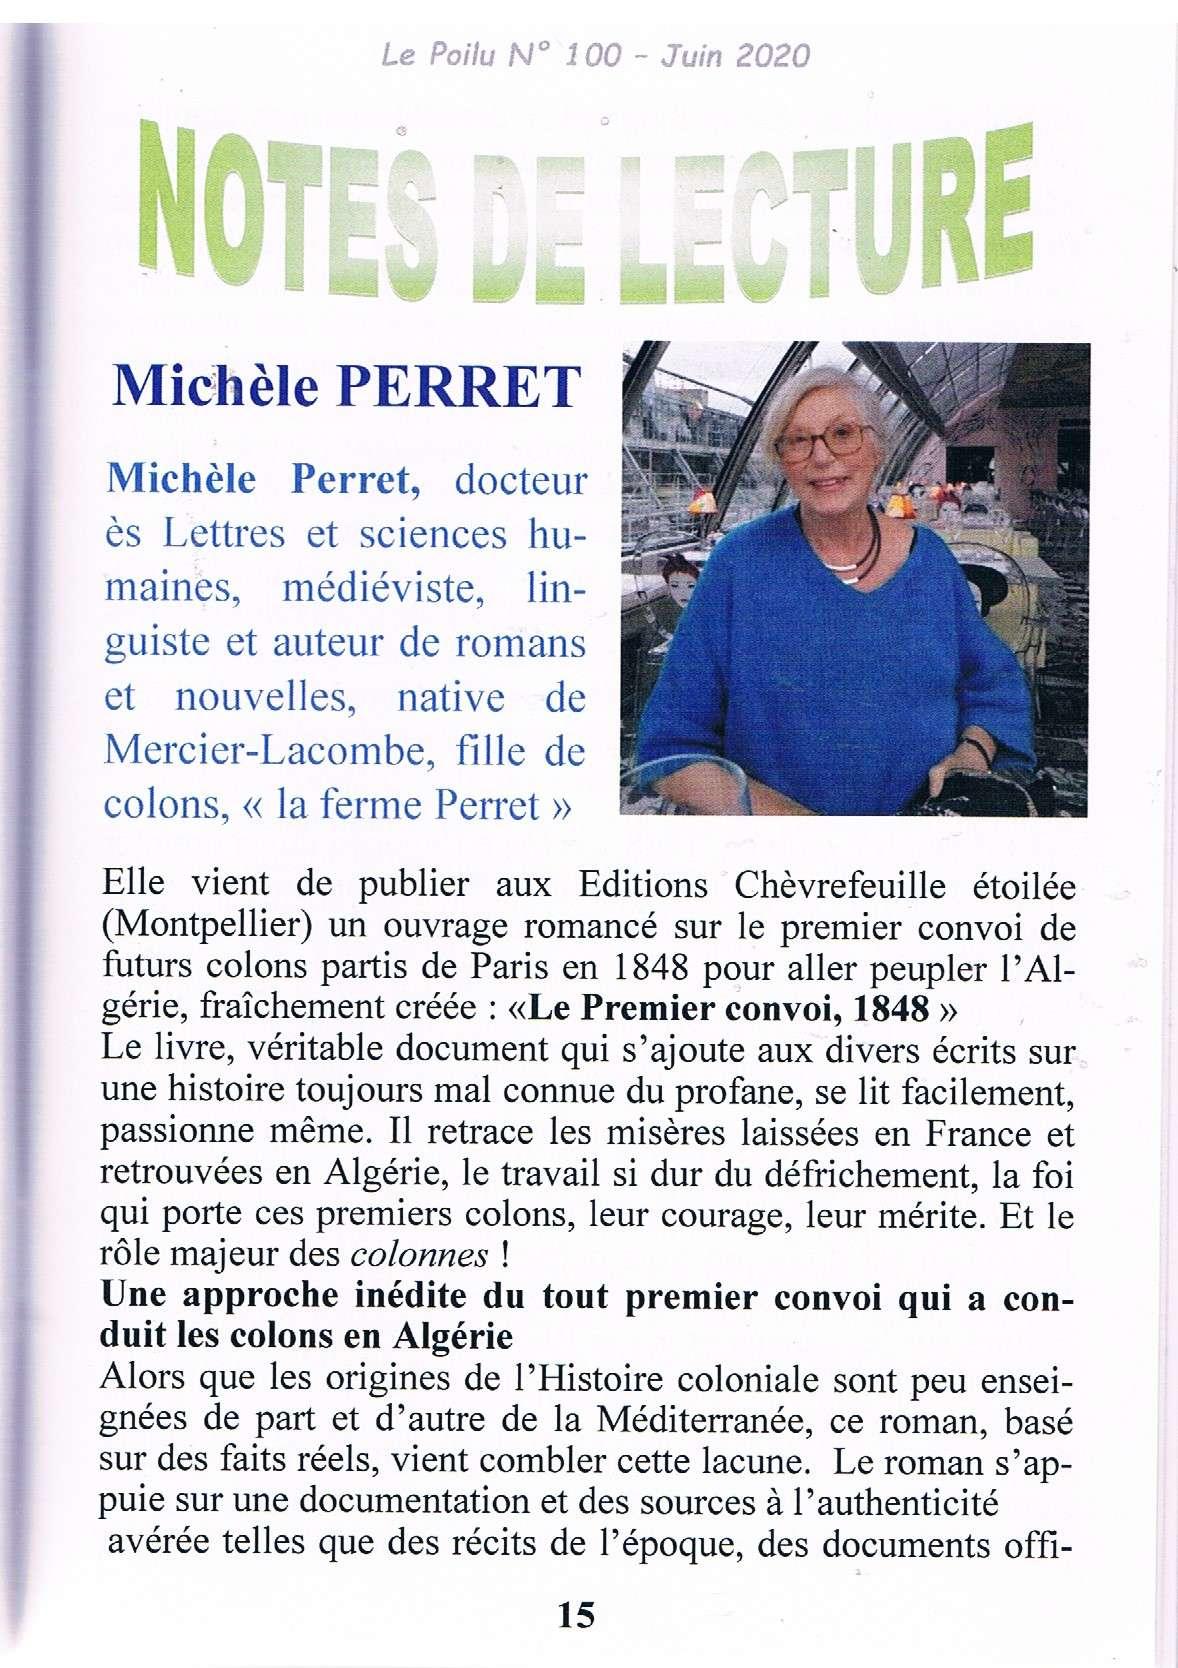 Articles de presse 2020 -Éditions Chèvre-feuille étoilée